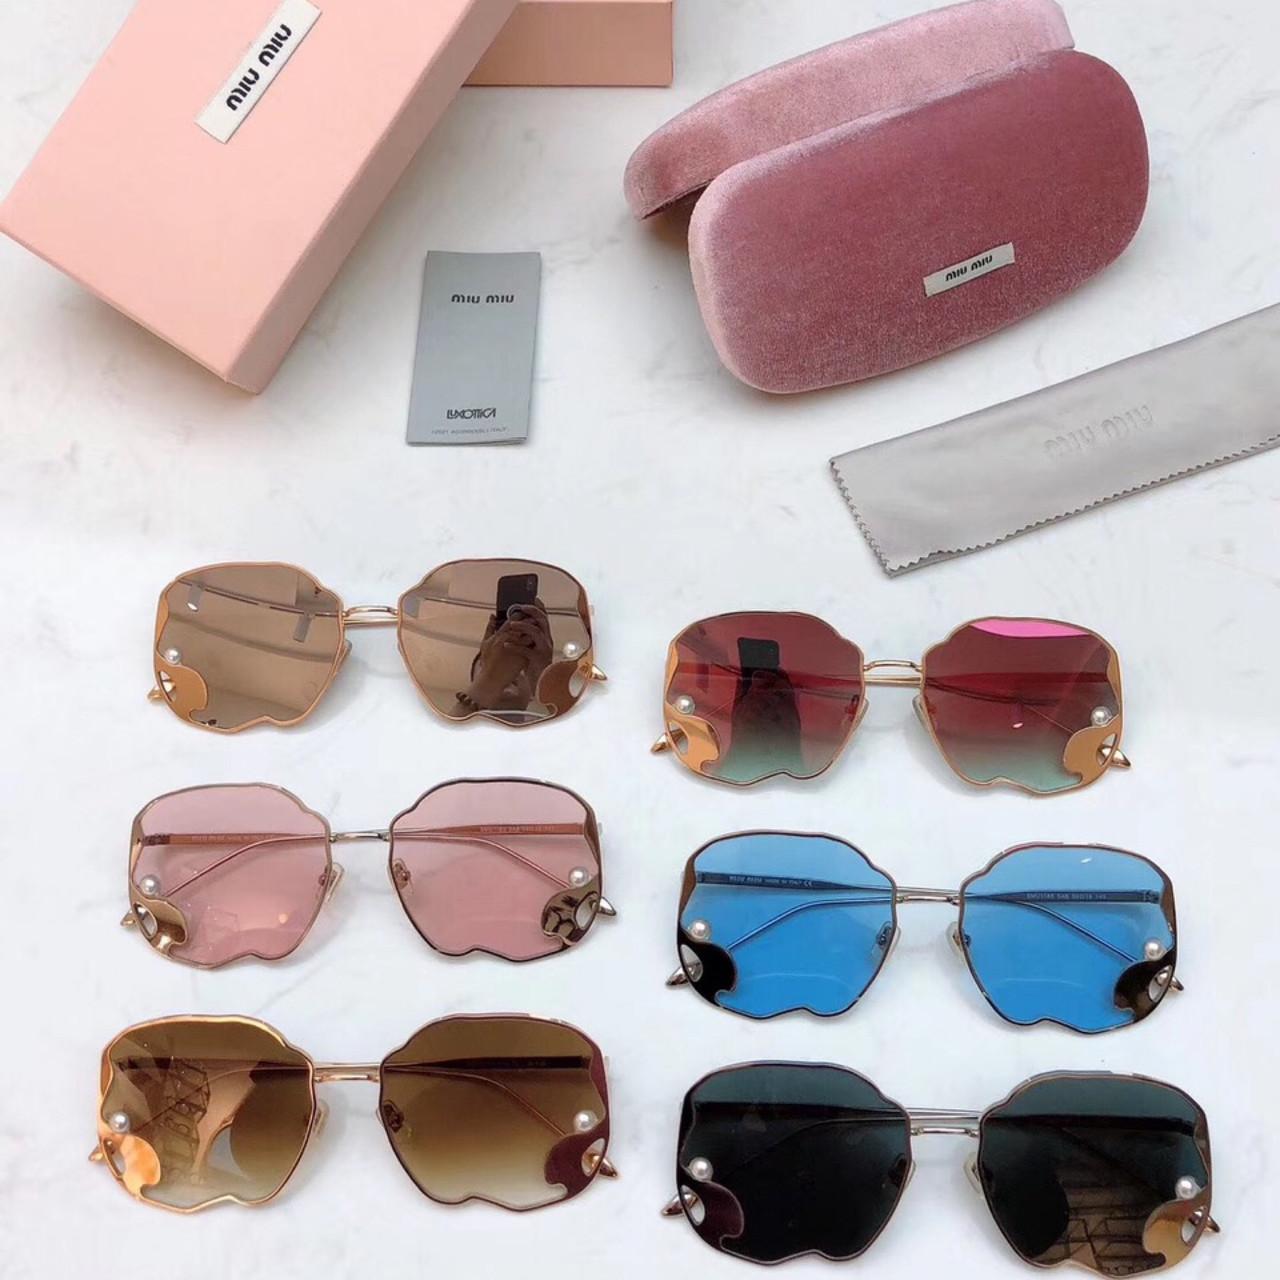 Окуляри сонцезахисні брендові під Miu Miu розмір 59-28-145